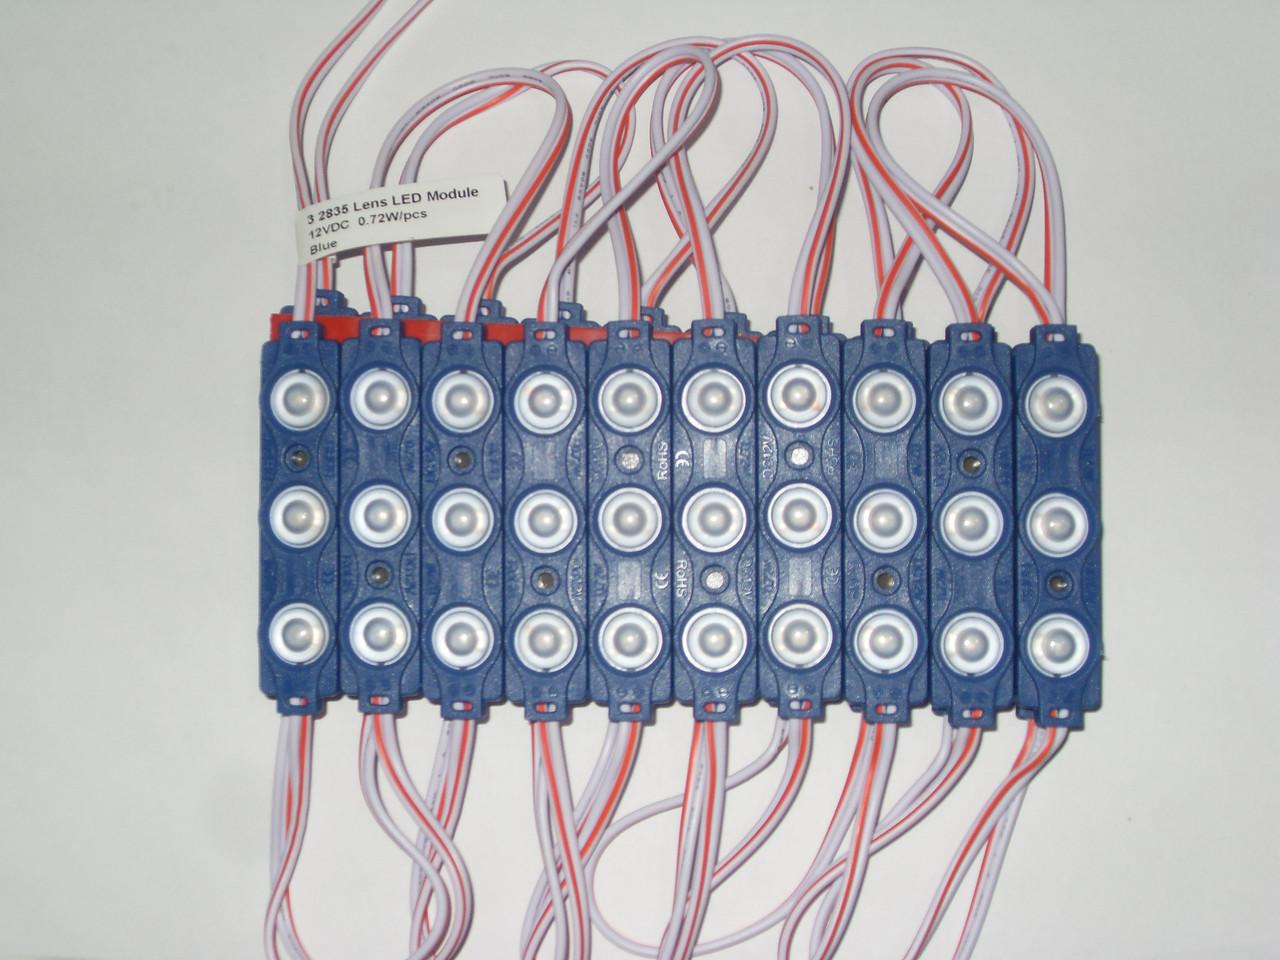 Фіолетовий світлодіодний модуль три світлодіоди SMD2835 з лінзою кластер 0.72 вт